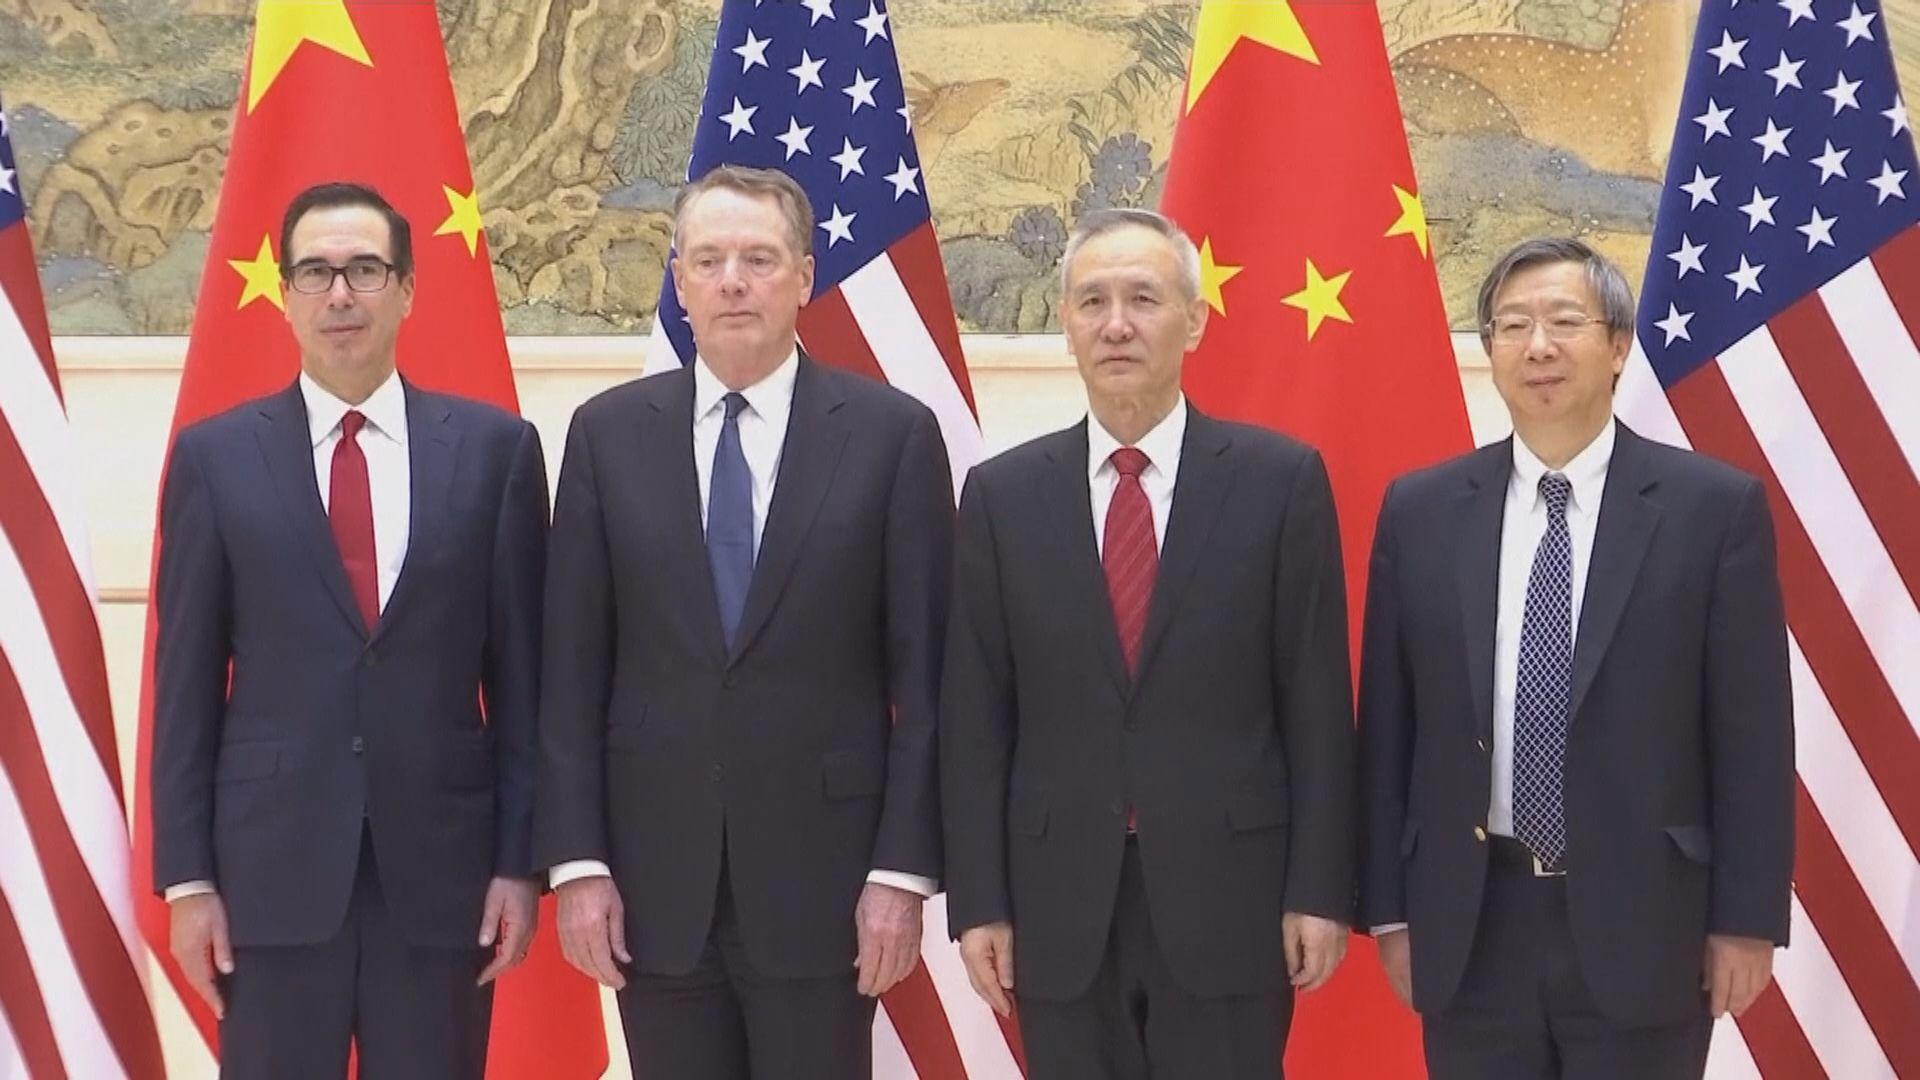 姆努欽和萊特希澤下周二重啟中美貿易磋商